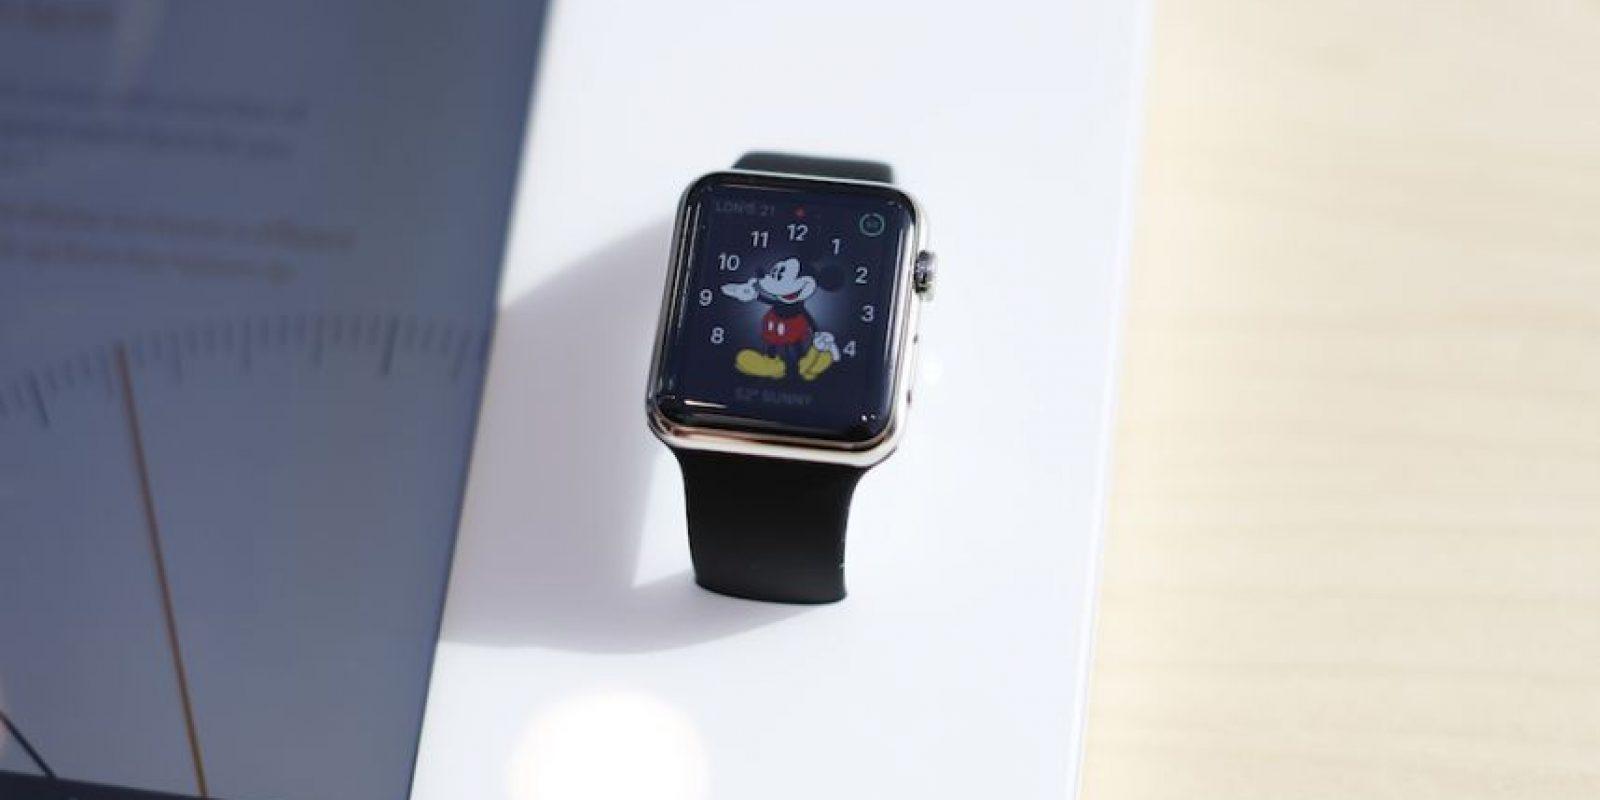 El reloj inteligente está disponible en tiendas para pruebas de los usuarios. Foto:Getty Images